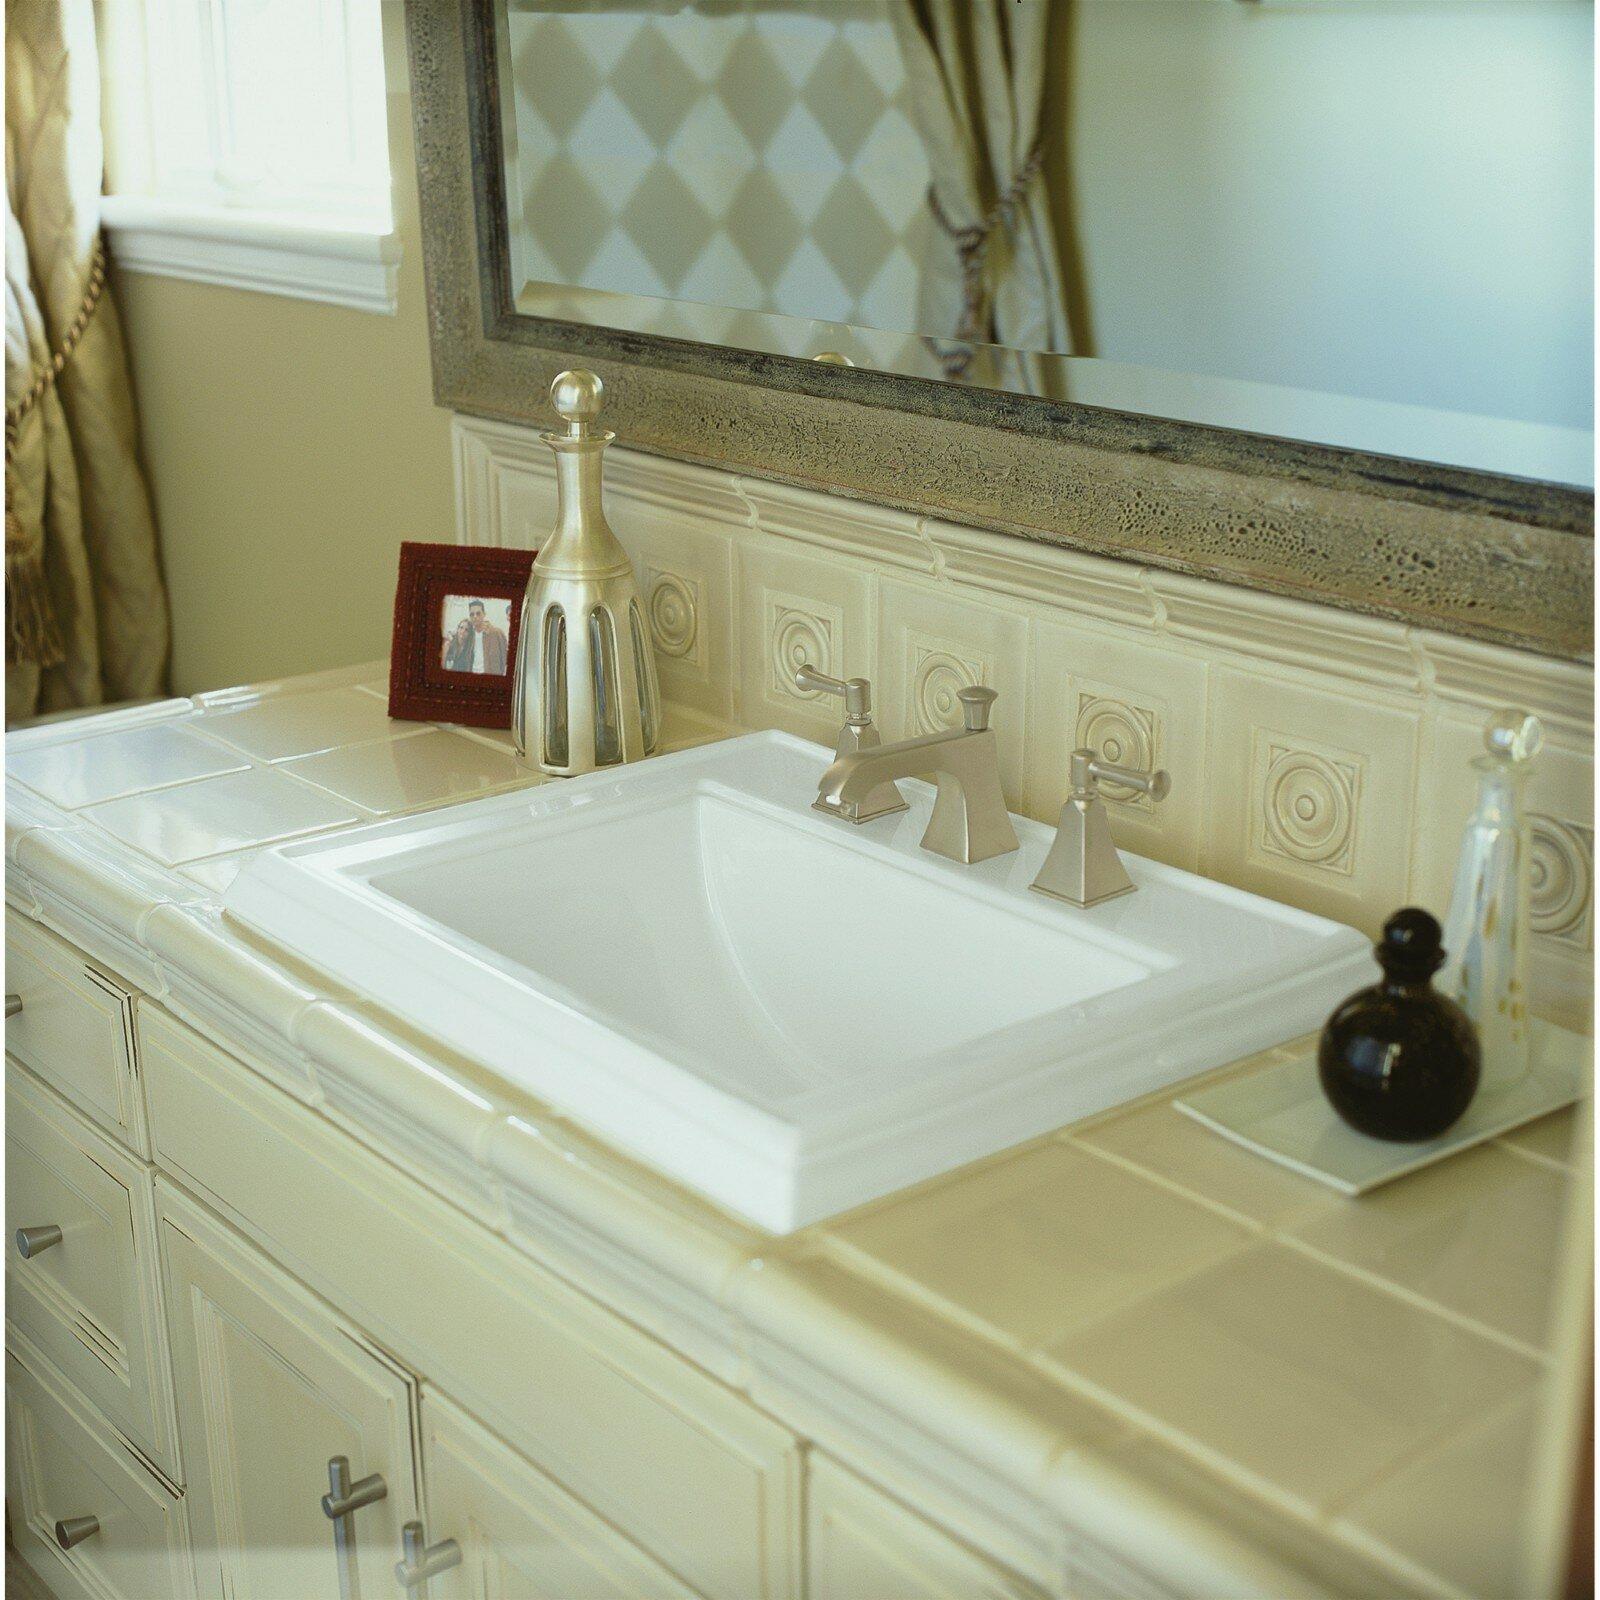 K 2241 8 0 1 0 4 0 Kohler Memoirs Ceramic Rectangular Drop In Bathroom Sink With Overflow Reviews Wayfair